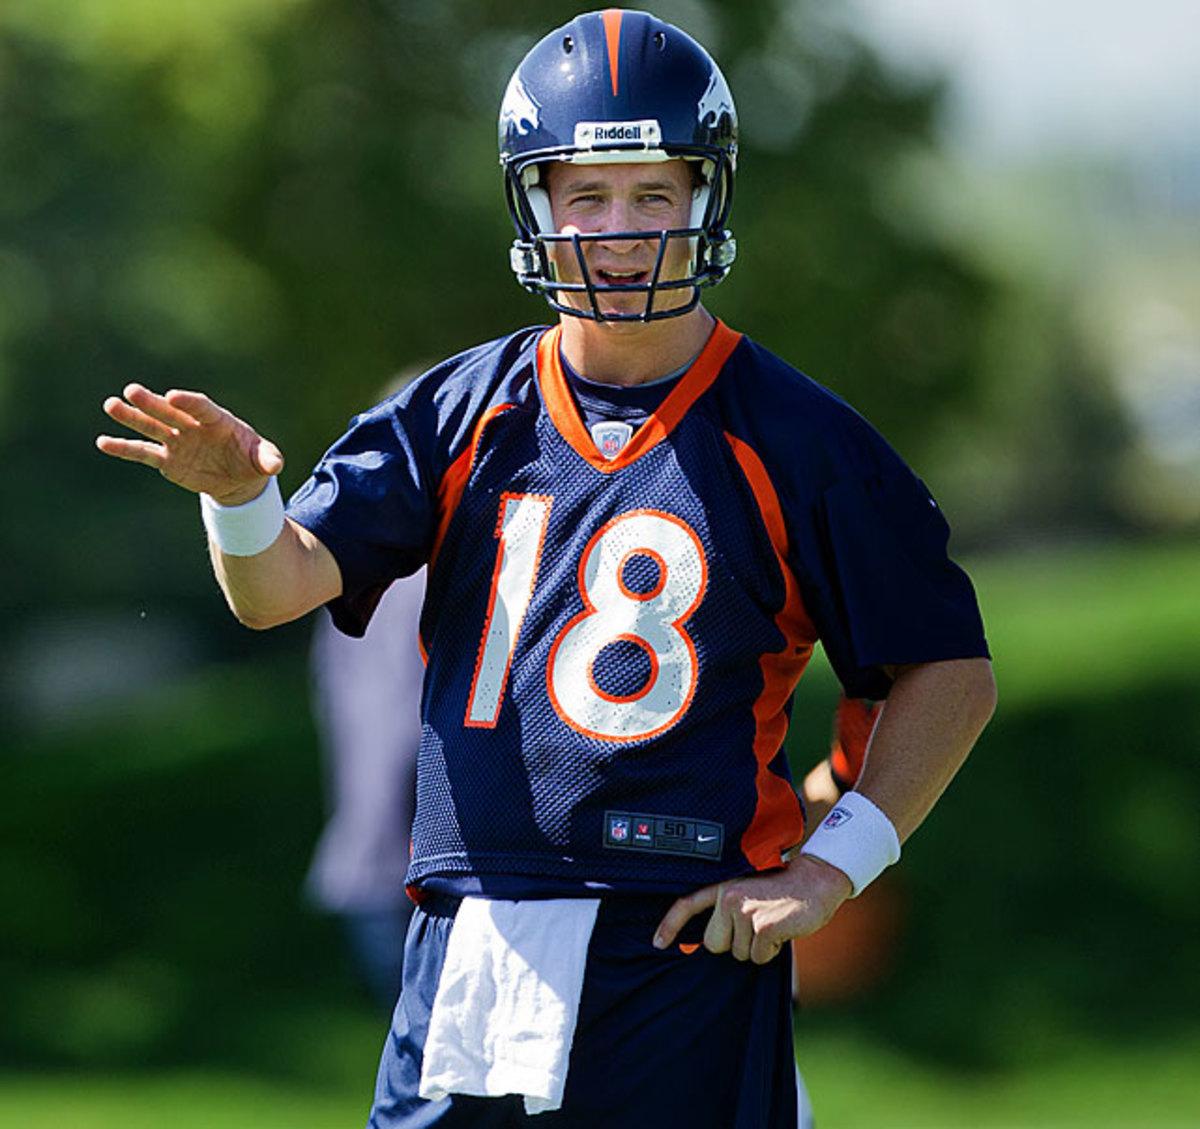 Peyton Manning, QB